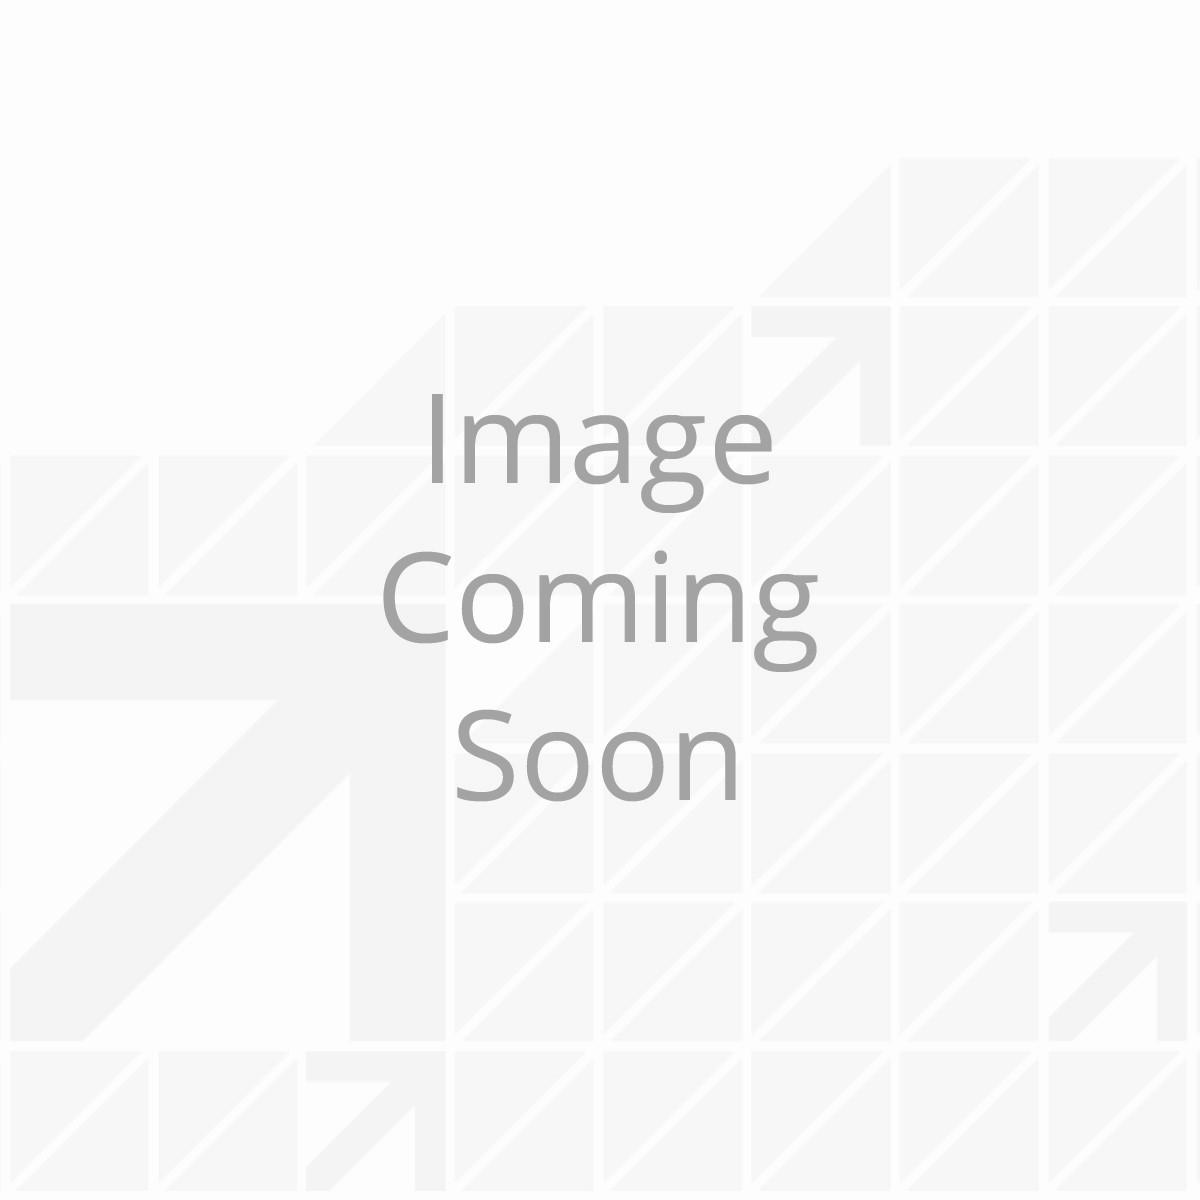 359459_PG-Jack-Service-Kit_001